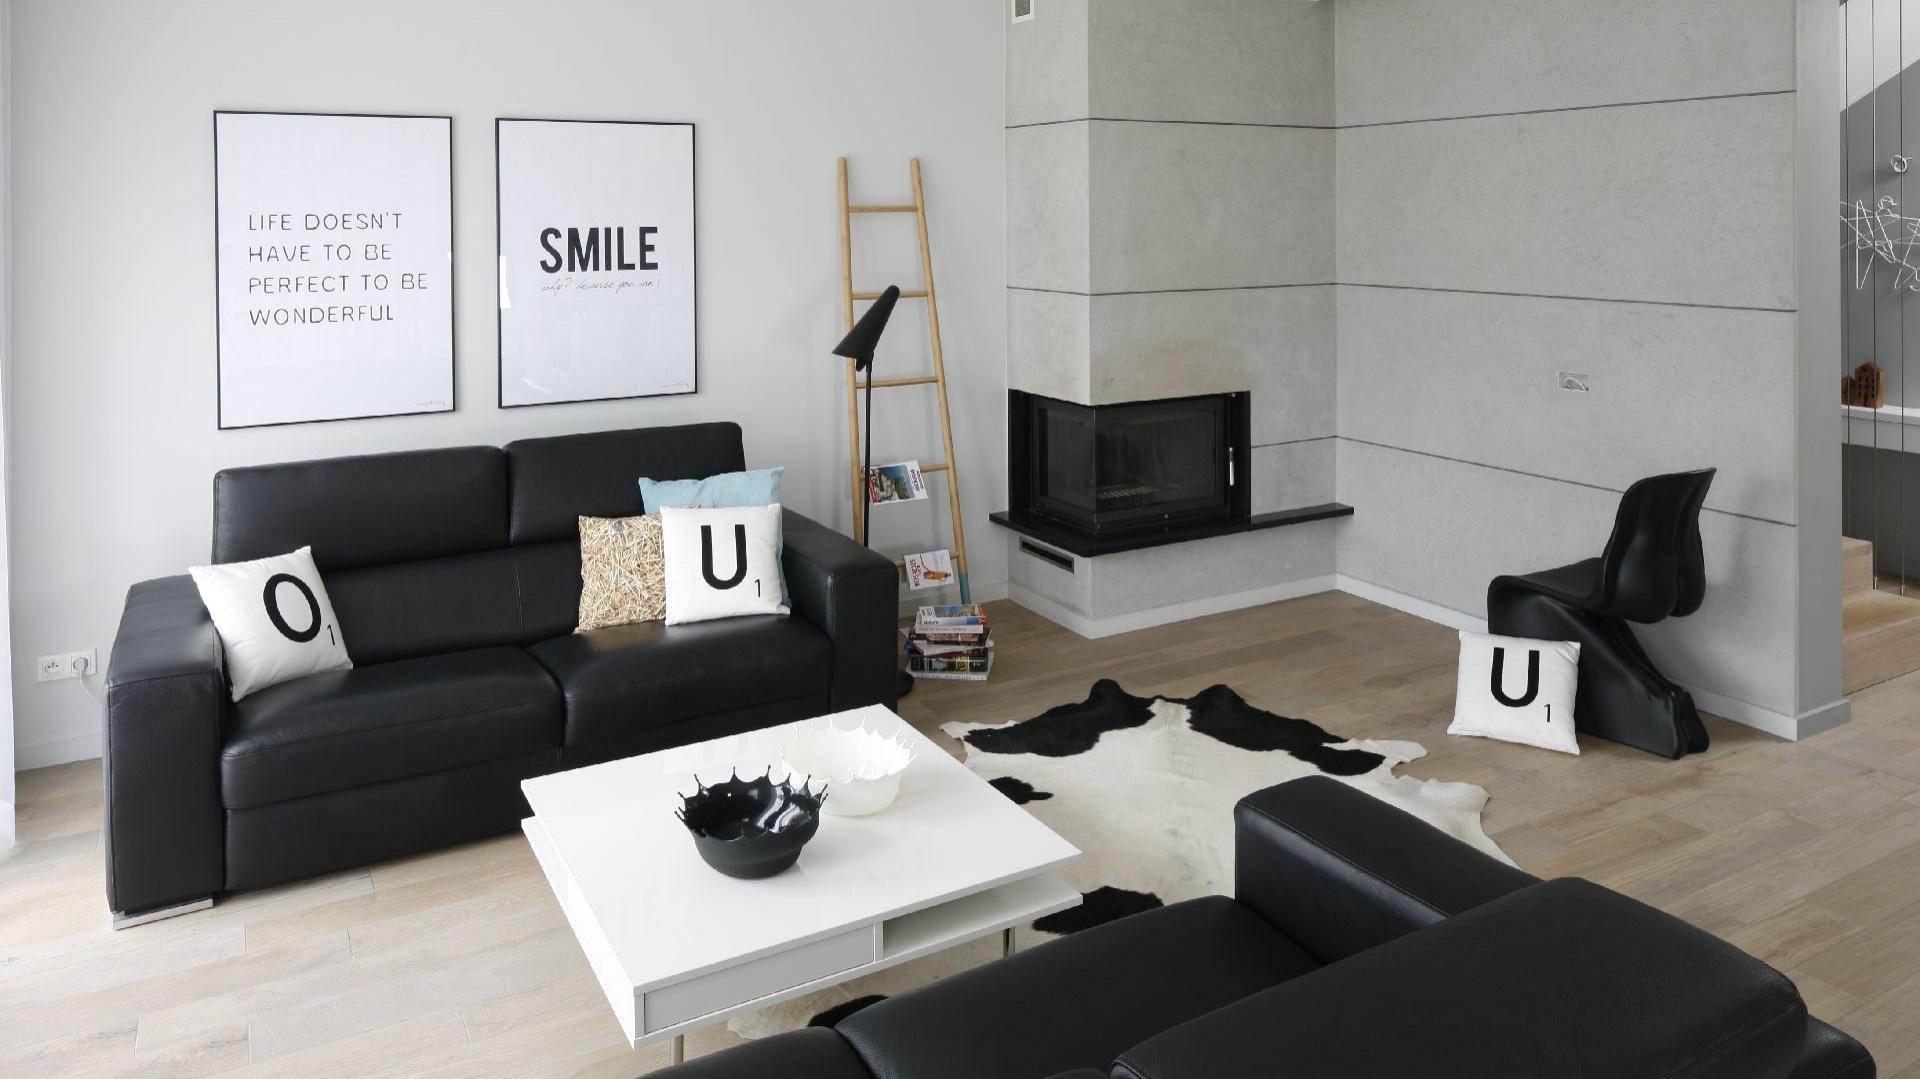 Monochromatyczny czarno-biały salon prezentuje się przytulnie za sprawą miękkich mebli, skóry na podłodze oraz bladego turkusu w postaci poduszki na sofie. Projekt: Beata Kruszyńska. Fot. Bartosz Jarosz